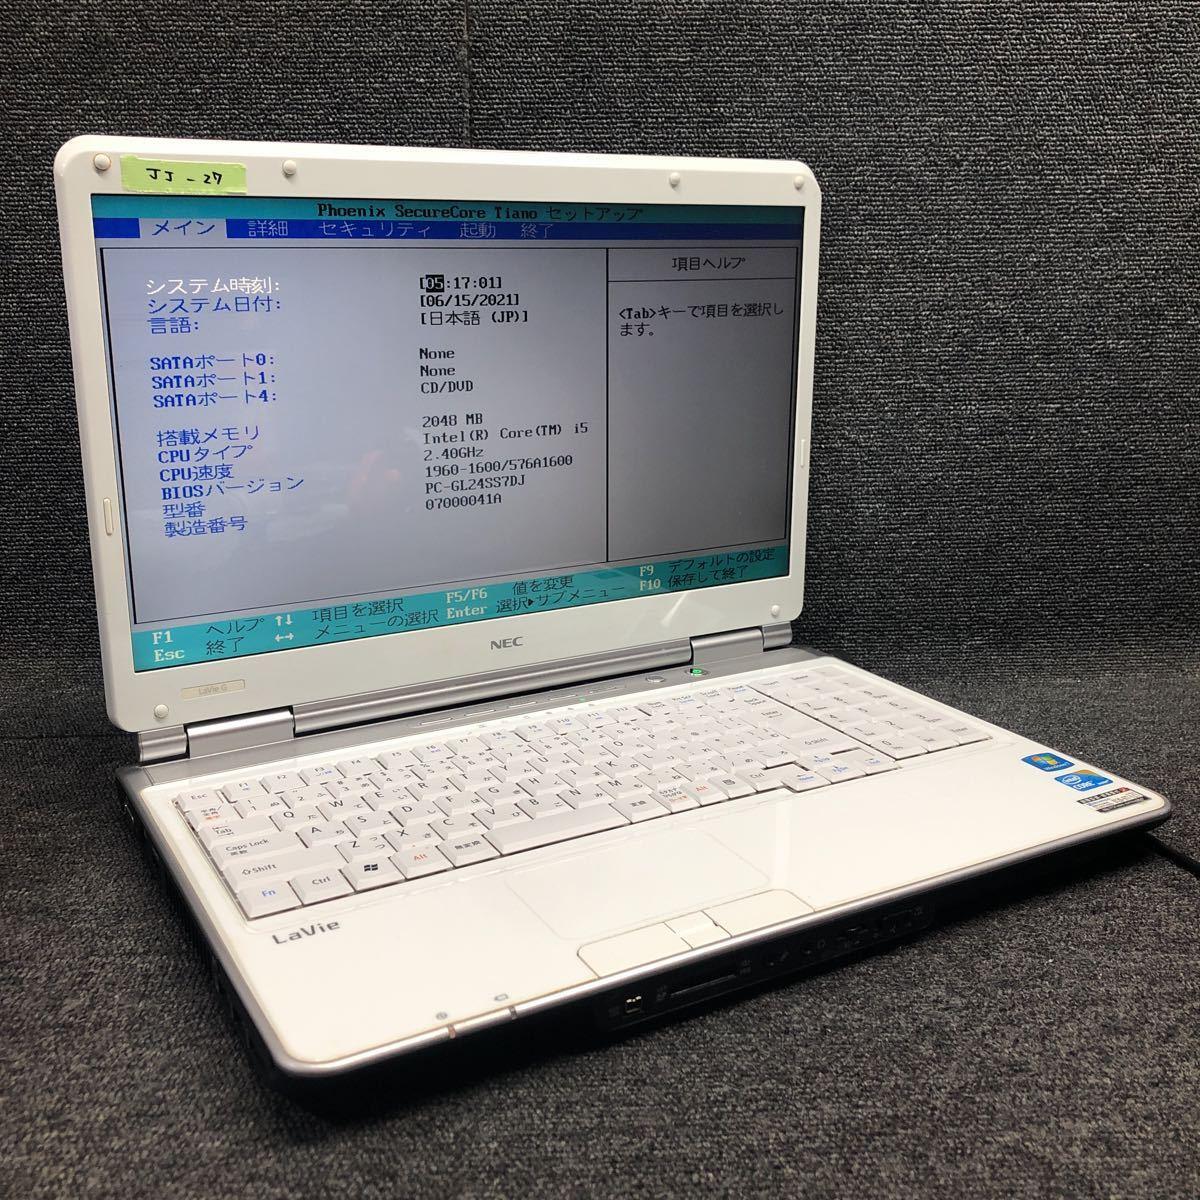 JJ-27 激安 ノートPC NEC LaVie G PC-GL24SS7DJ Core i5 2.40GHz バッテリー欠品 BIOS立ち上がり確認済み ジャンク